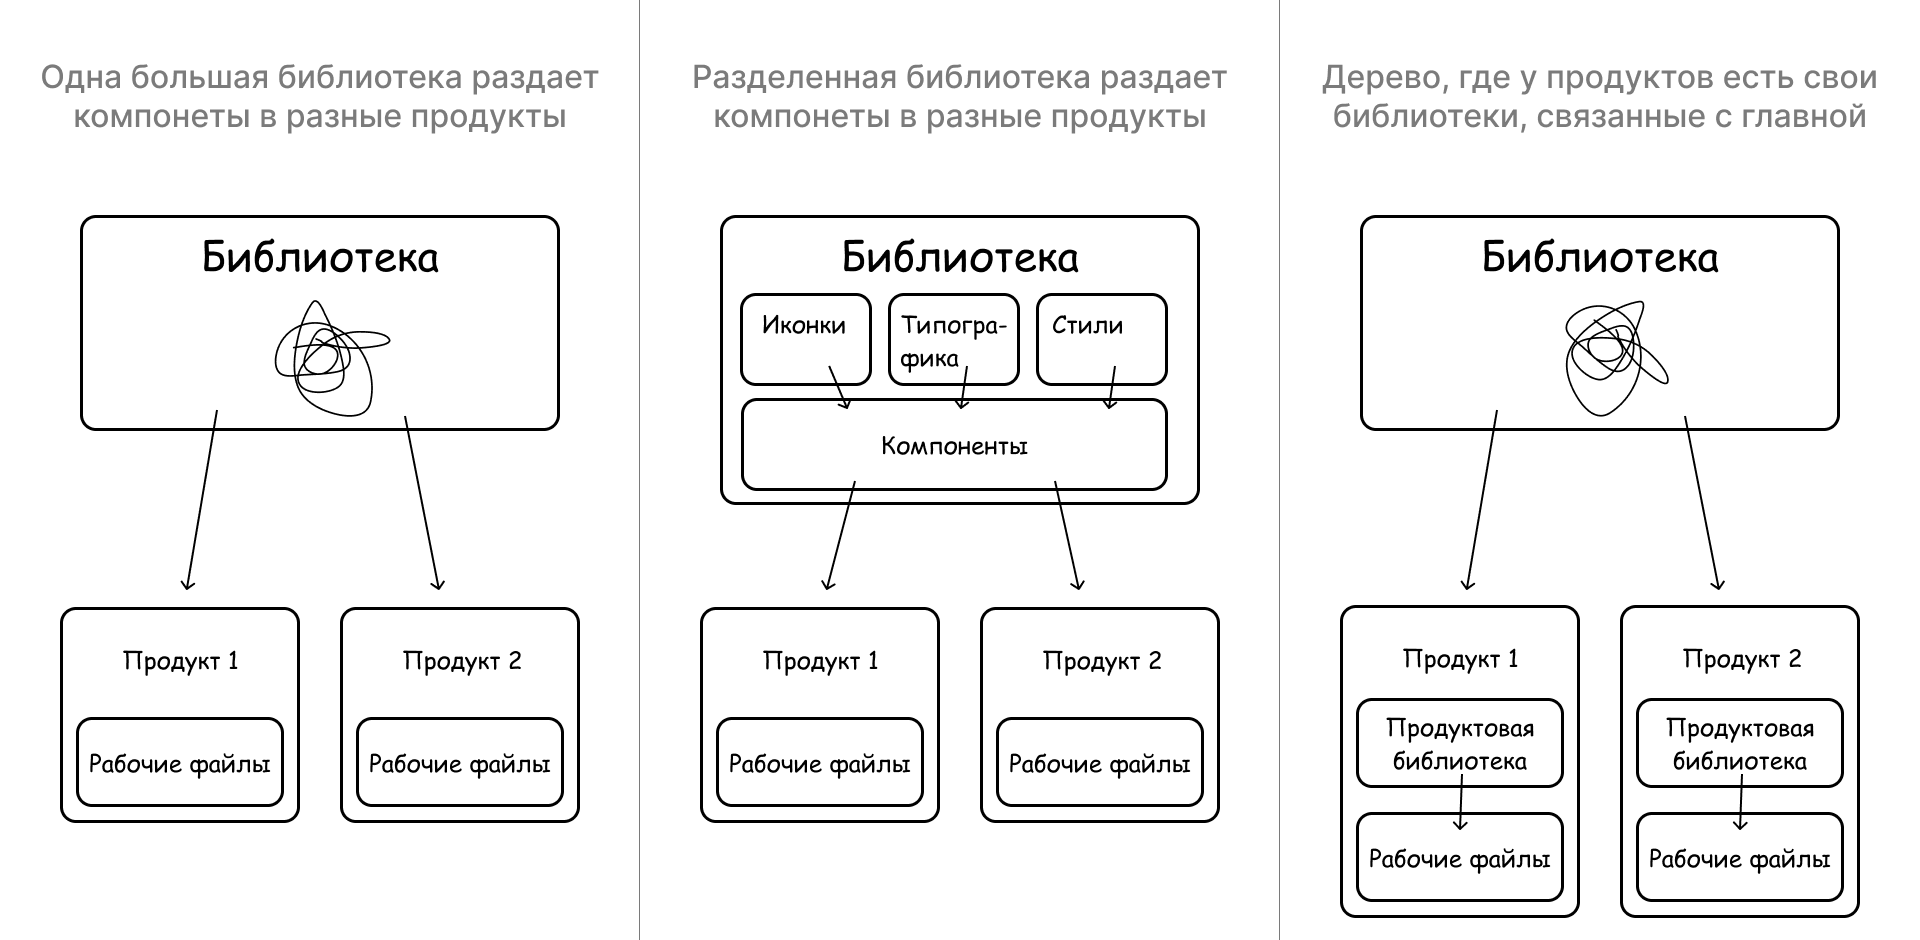 Архитектура дизайн-системы для нескольких продуктов